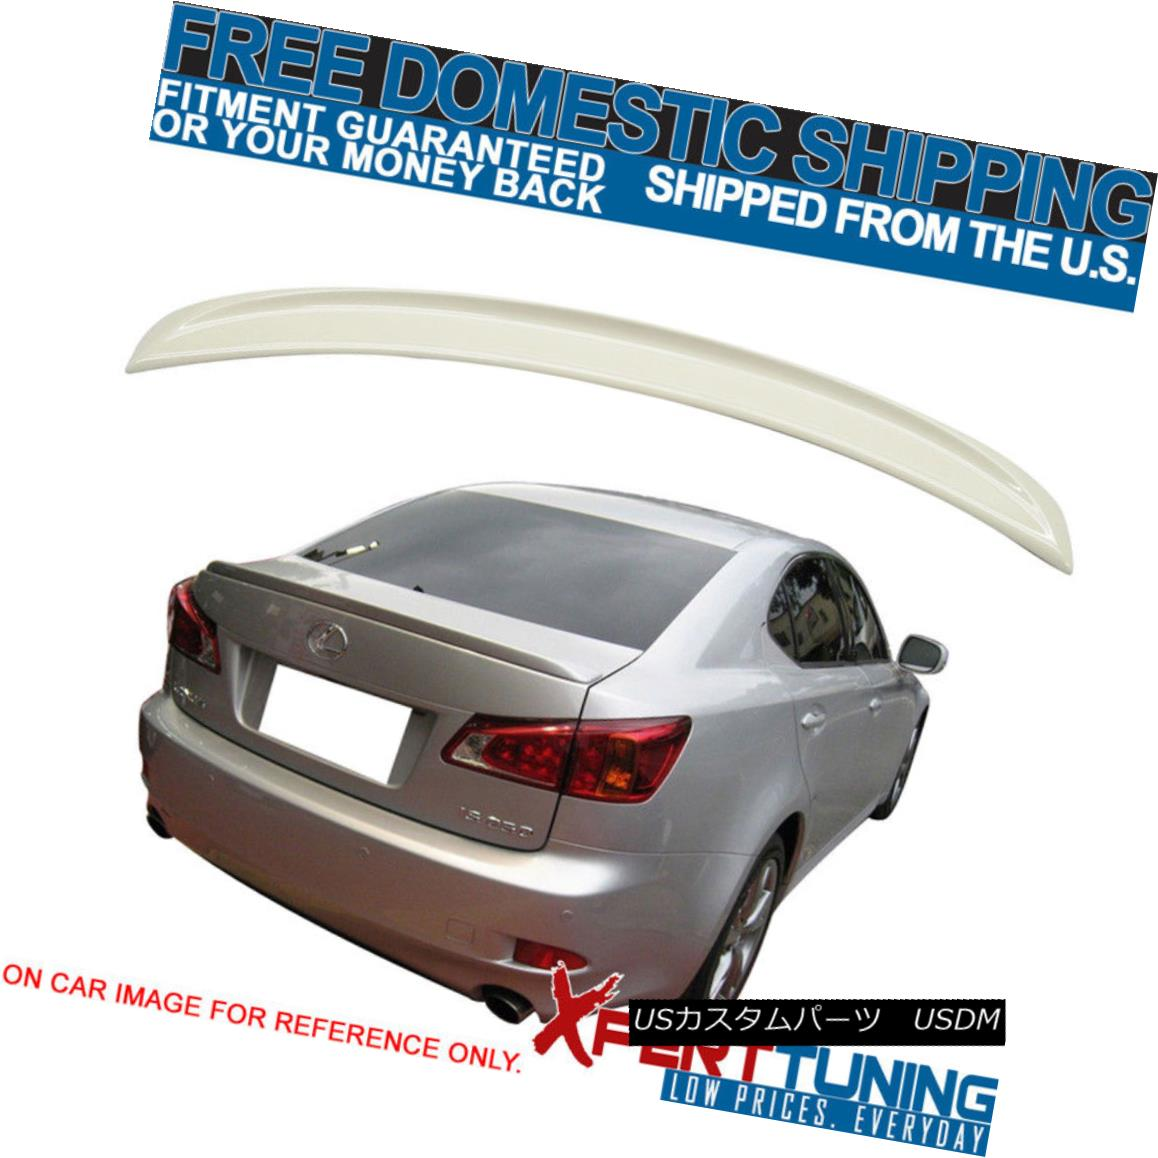 エアロパーツ Fit For 2006-2013 Lexus IS250 350 IS F 4Dr ISF Style #077 Painted Trunk Spoiler 2006-2013 Lexus IS250 350 IS F 4Dr ISFスタイル#077塗装トランク・スポイラー